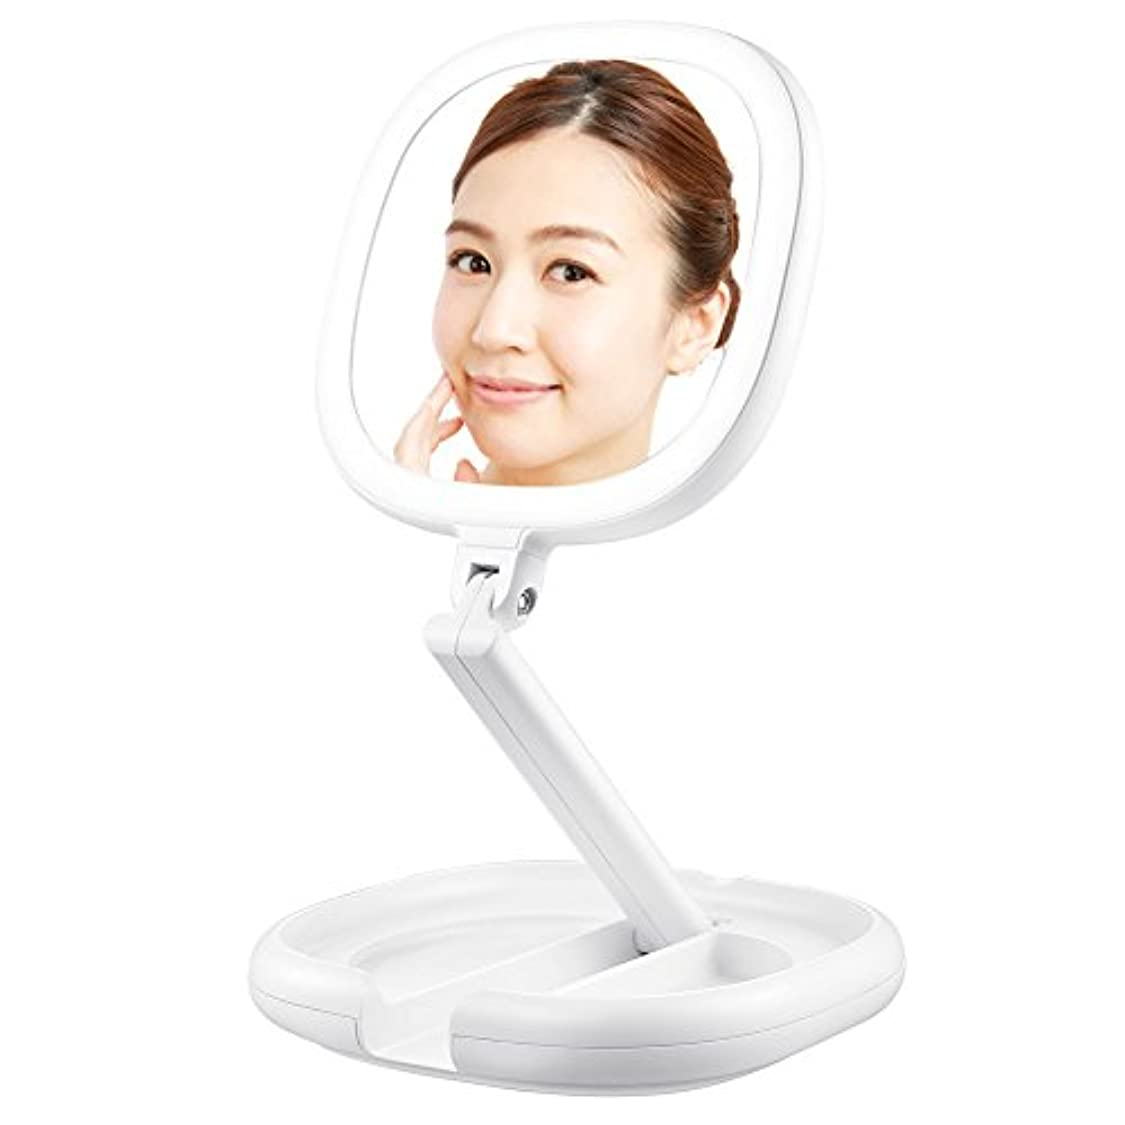 寸法そうでなければ灰Lavany 拡大鏡 化粧鏡 両面鏡 ledライト付きミラー 卓上鏡 BM-1716